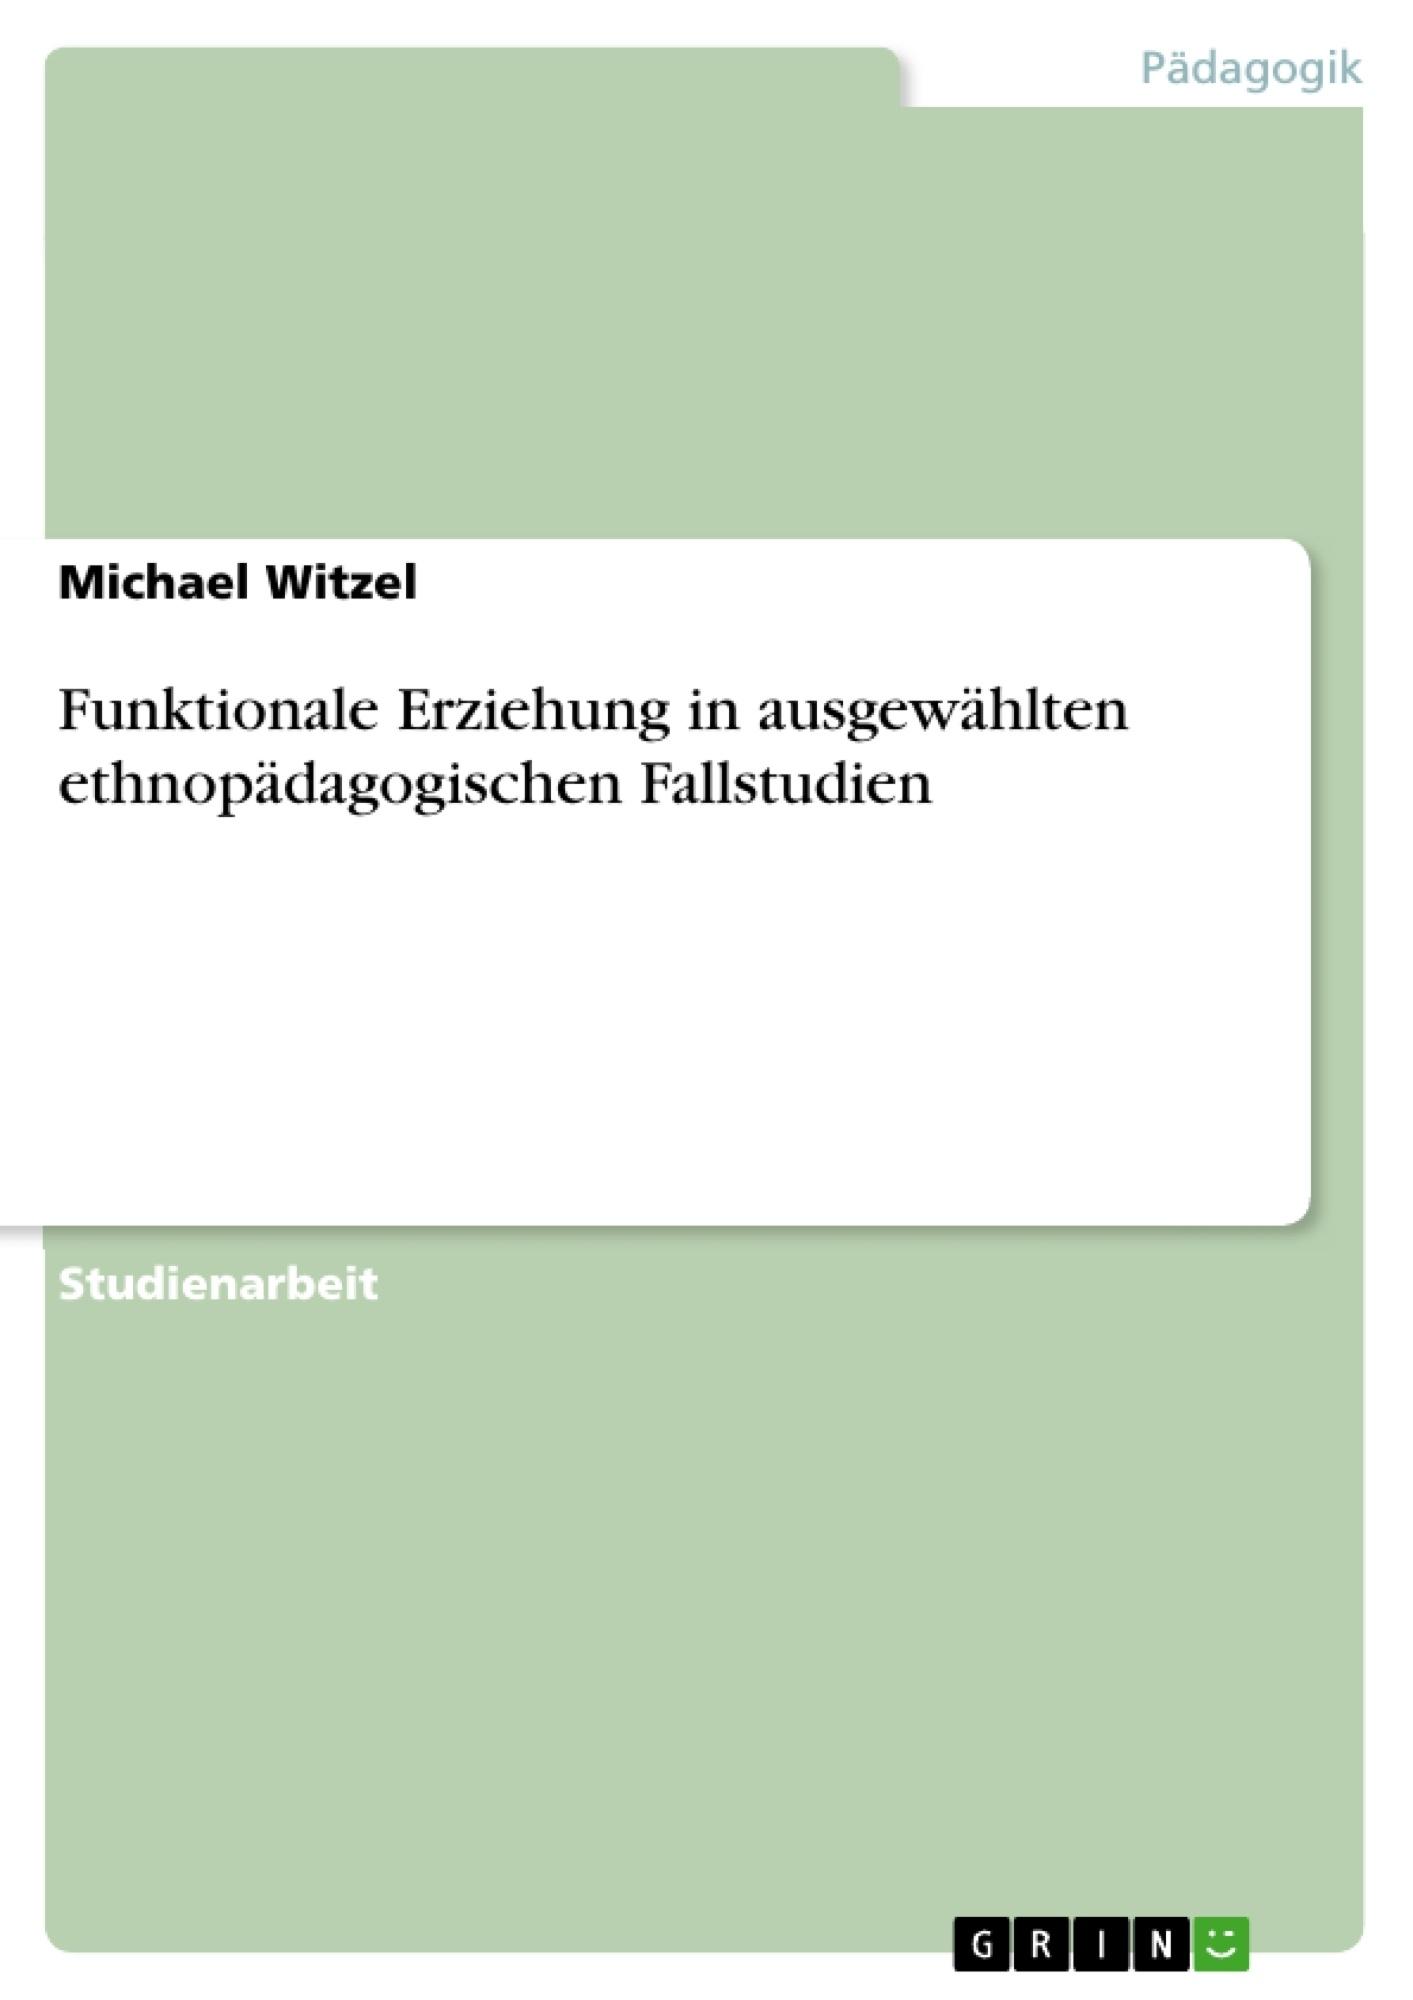 Titel: Funktionale Erziehung in ausgewählten ethnopädagogischen Fallstudien